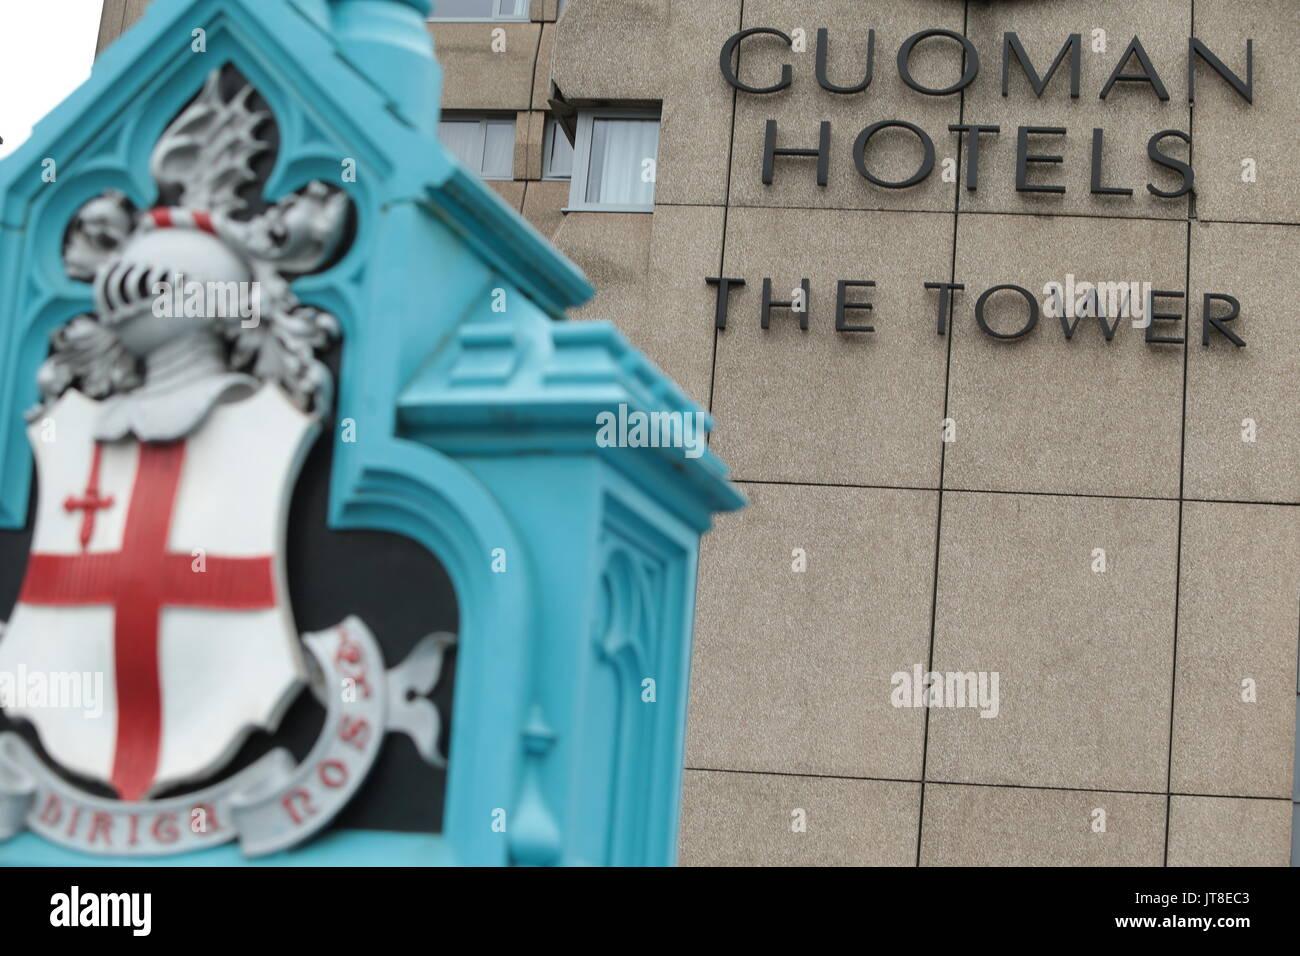 London, Großbritannien. 08 Aug, 2017. Gouman Hotels der Turm von der IAAF bestätigt wurde, dass ein Erbrechen bug Ausbruch stattgefunden hatte, an der Guoman Tower Hotel in Central London, ist ein 12 Athleten gemeldet, krank waren im Hotel getroffen. Das Hotel hat verweigert Es ist Schuld. Das Hotel liegt an der Themse in der Nähe der berühmten Tower Bridge. Heute Bild. Credit: Nigel Bowles/Alamy leben Nachrichten Stockbild